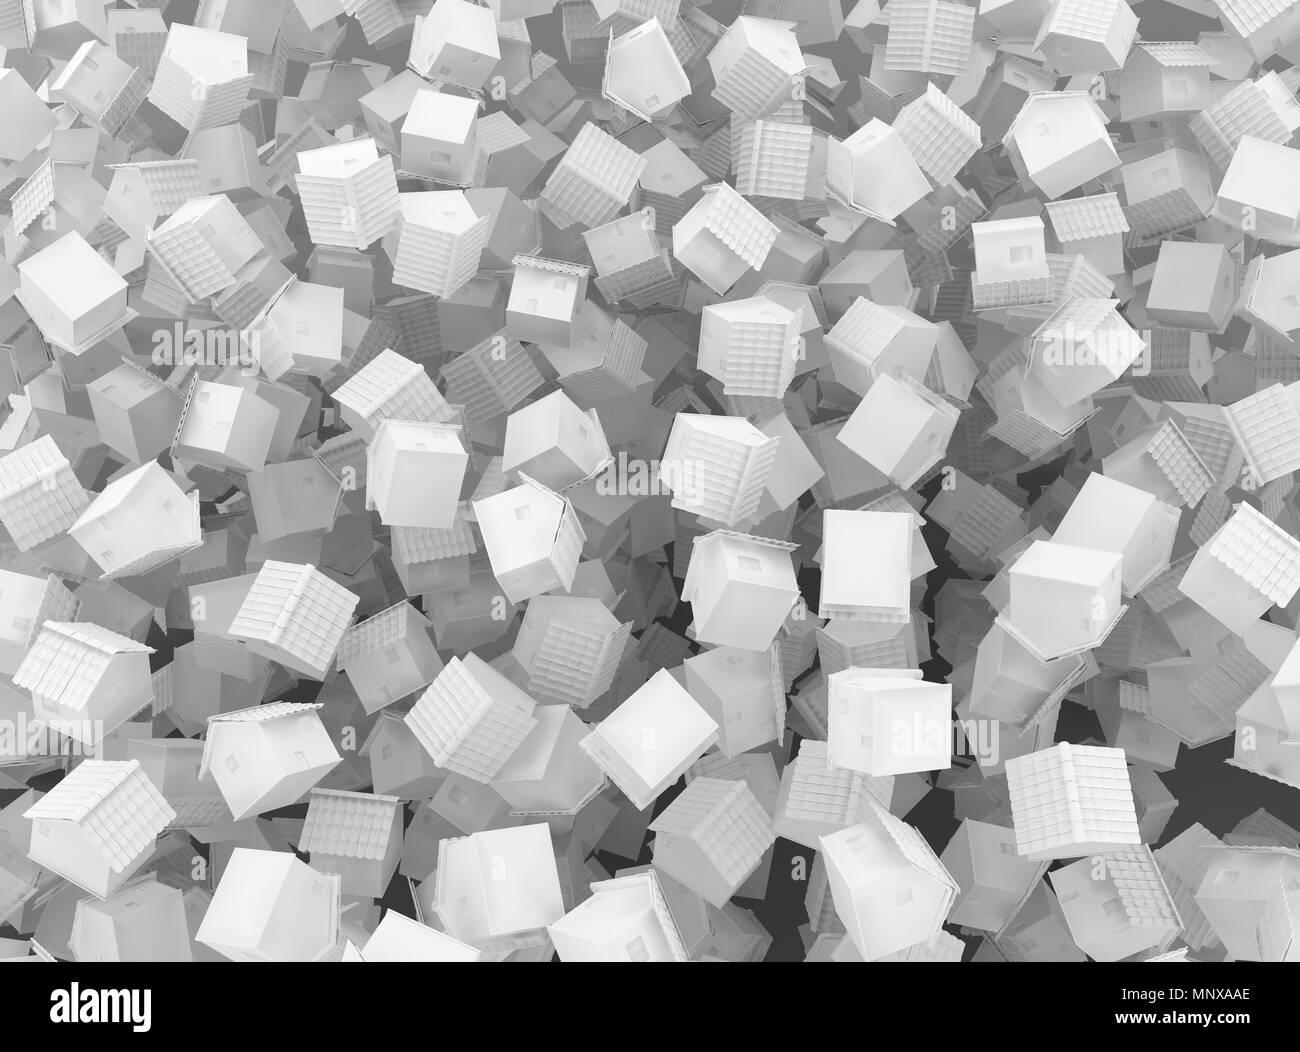 Kleine weiße Häuschen chaotisch zerstreuen, 3 Abbildung d, horizontale Stockbild